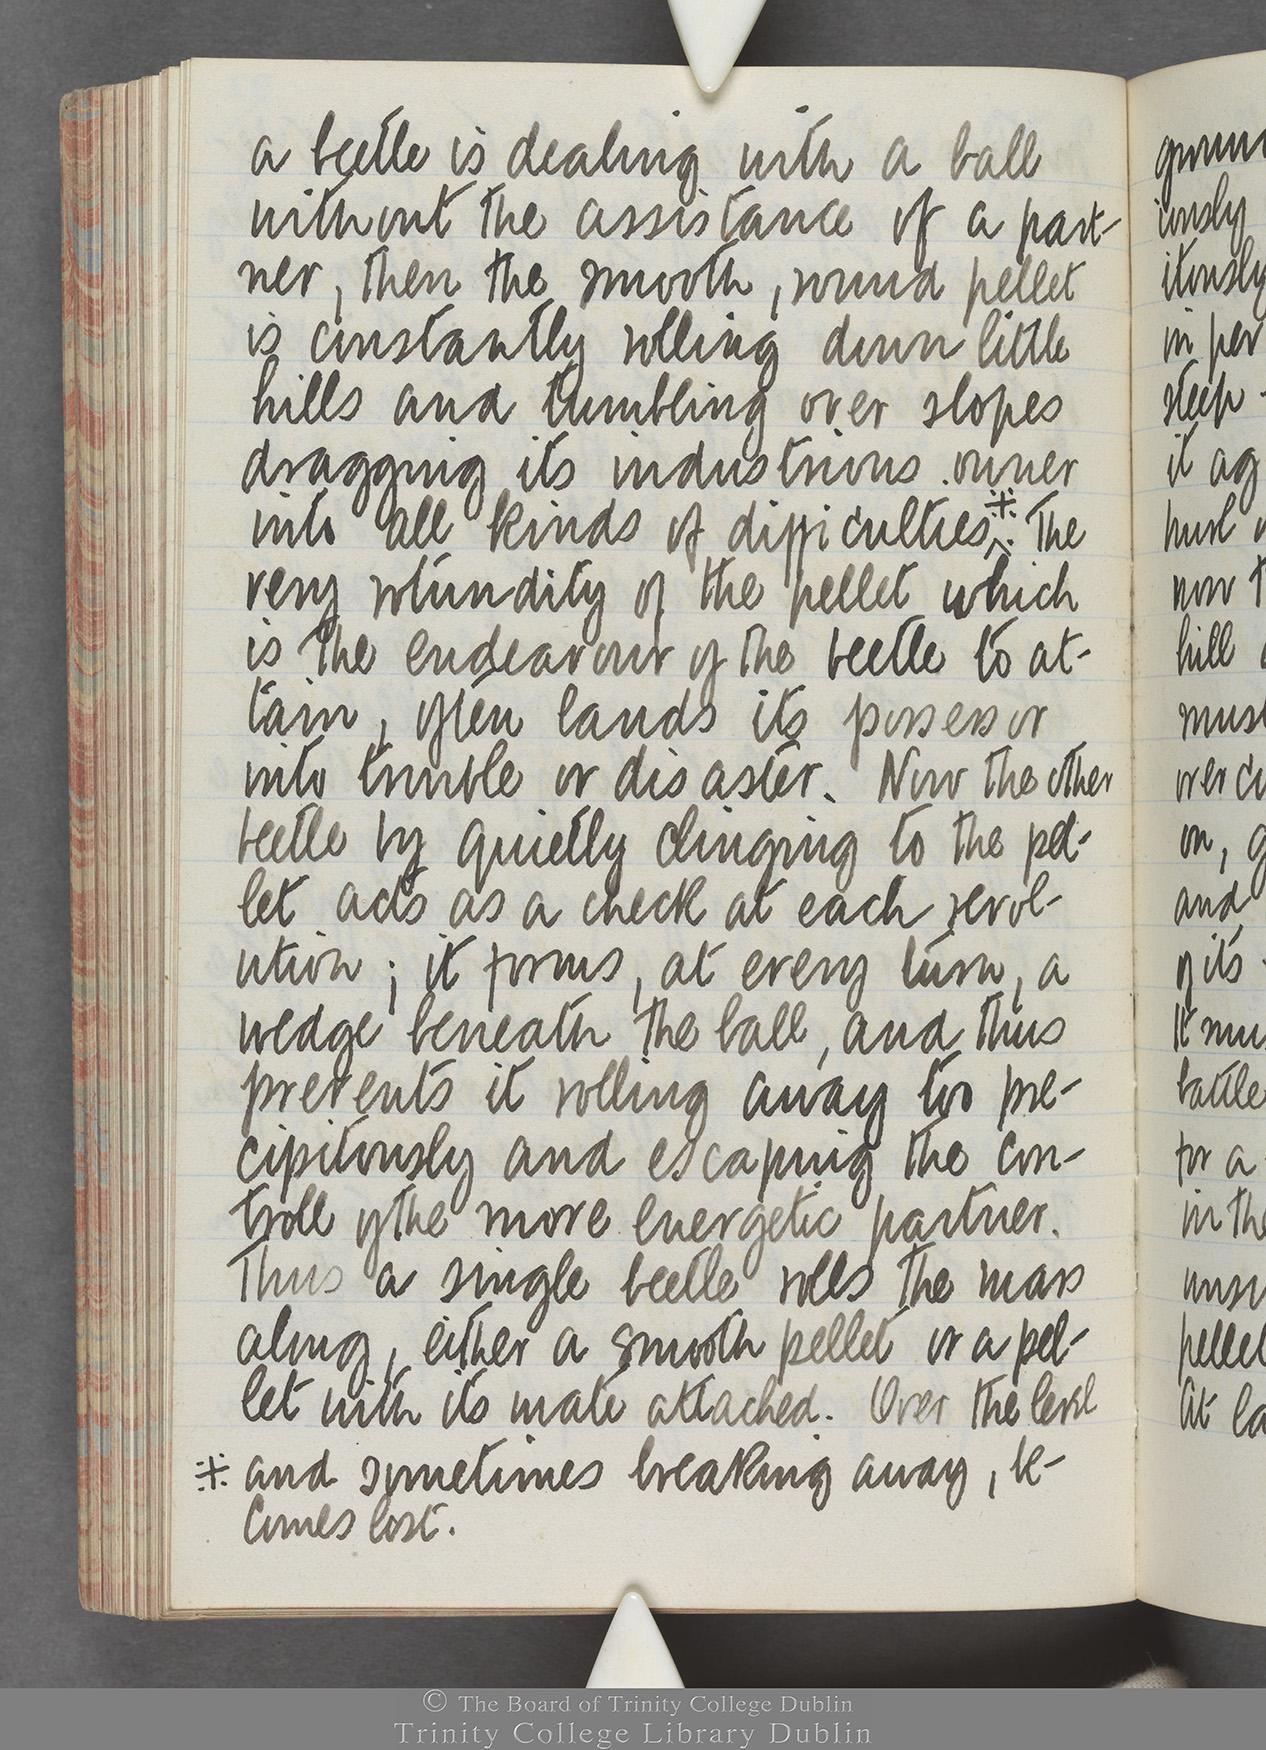 TCD MS 10515 folio 92 verso